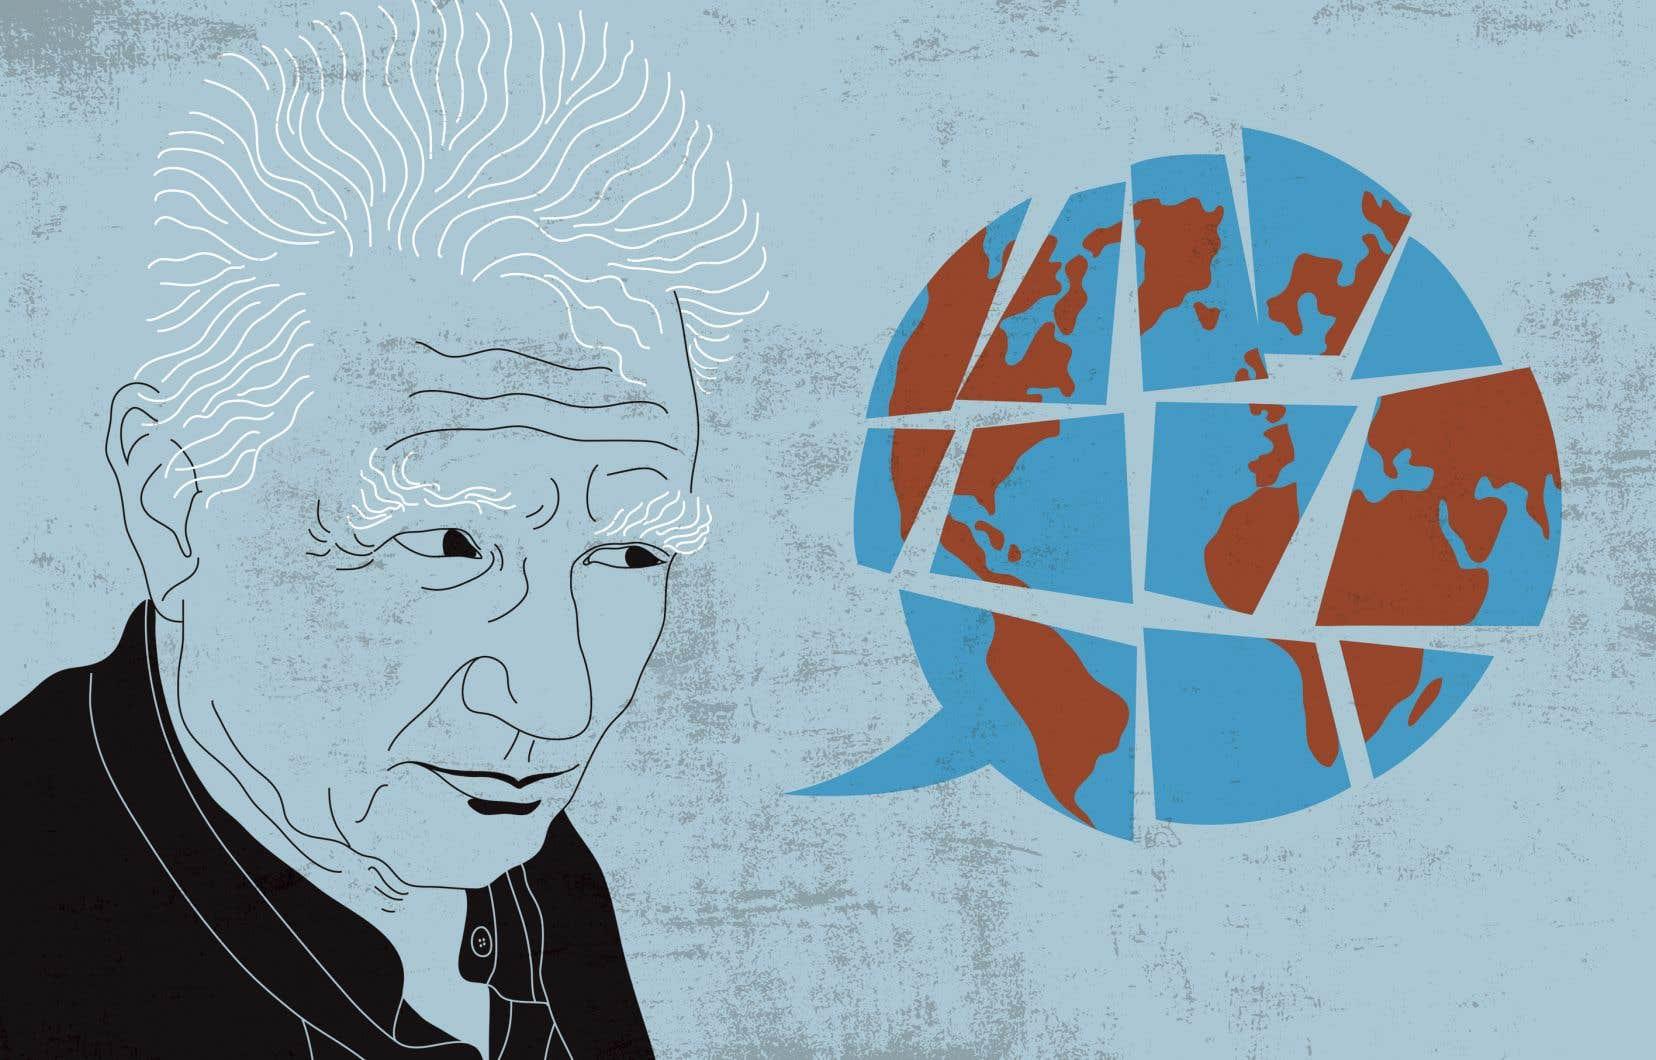 Dans «Marges de la philosophie» (1972), Jacques Derrida conçoit la Différance comme un mouvement du langage qui englobe trois sens du terme différent. Tout d'abord, le sens d'«action de repousser à plus tard», ensuite celui d'«être autre, différent», c'est-à-dire non identique, et enfin, le sens qui renvoie au conflit (le différend).